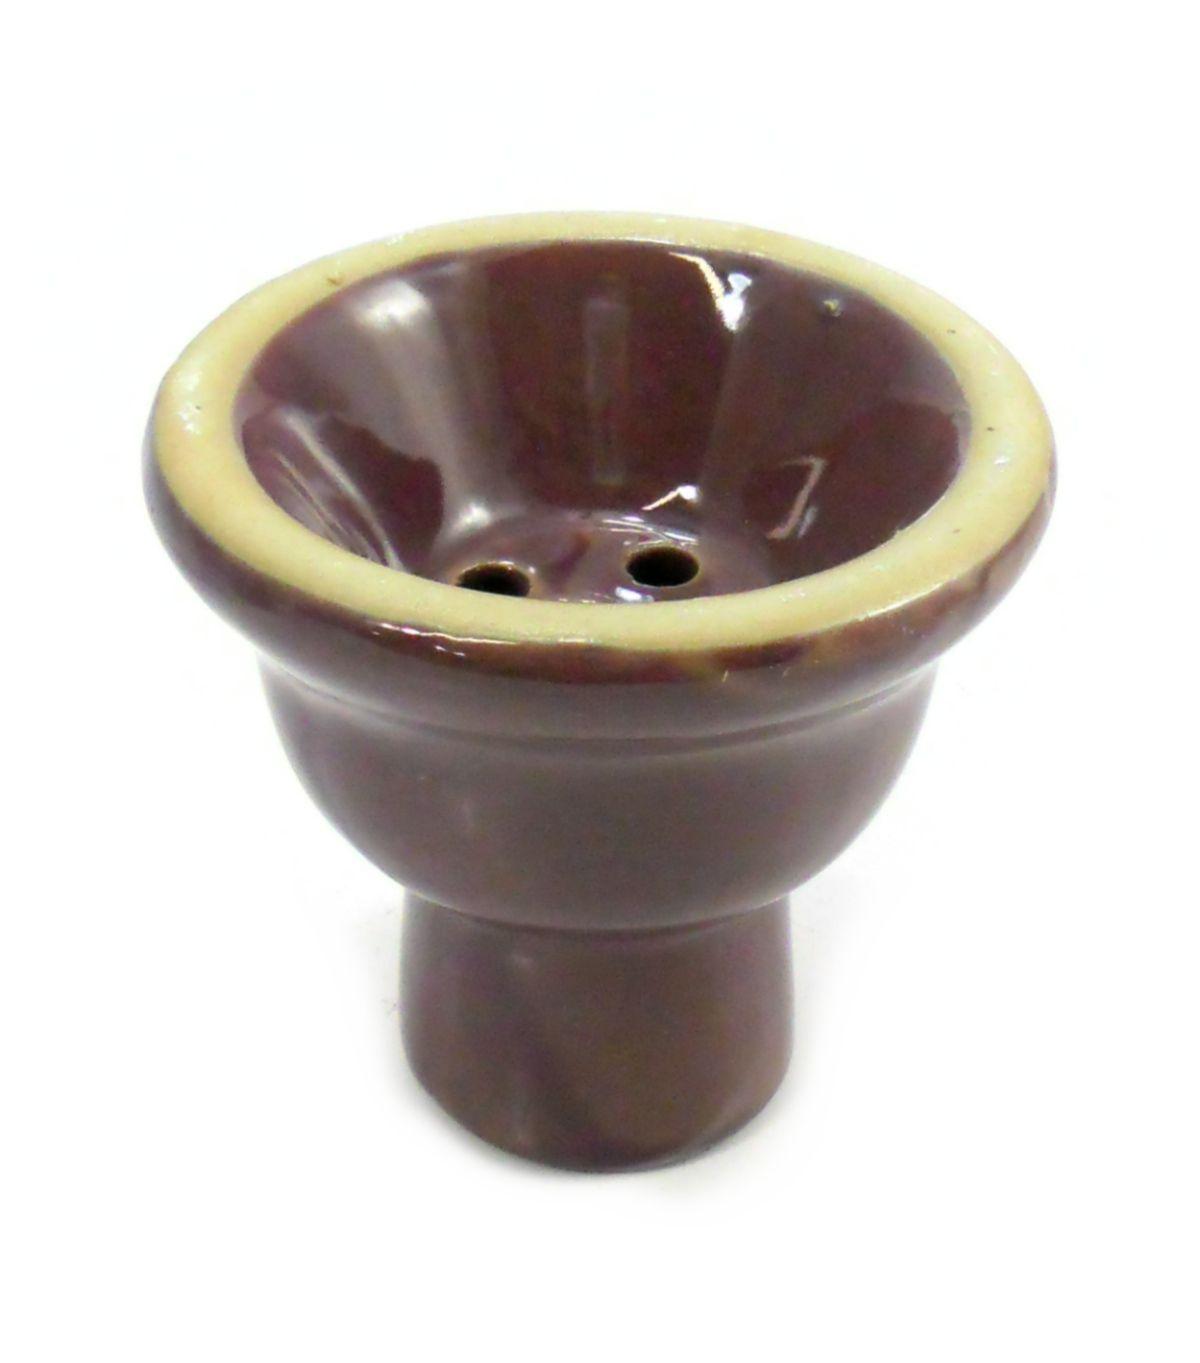 Fornilho/Rosh para narguile, em cerâmica, modelo tradicional (5 furos). 6,0cm alt., 6,0cm de diâm. Lilás